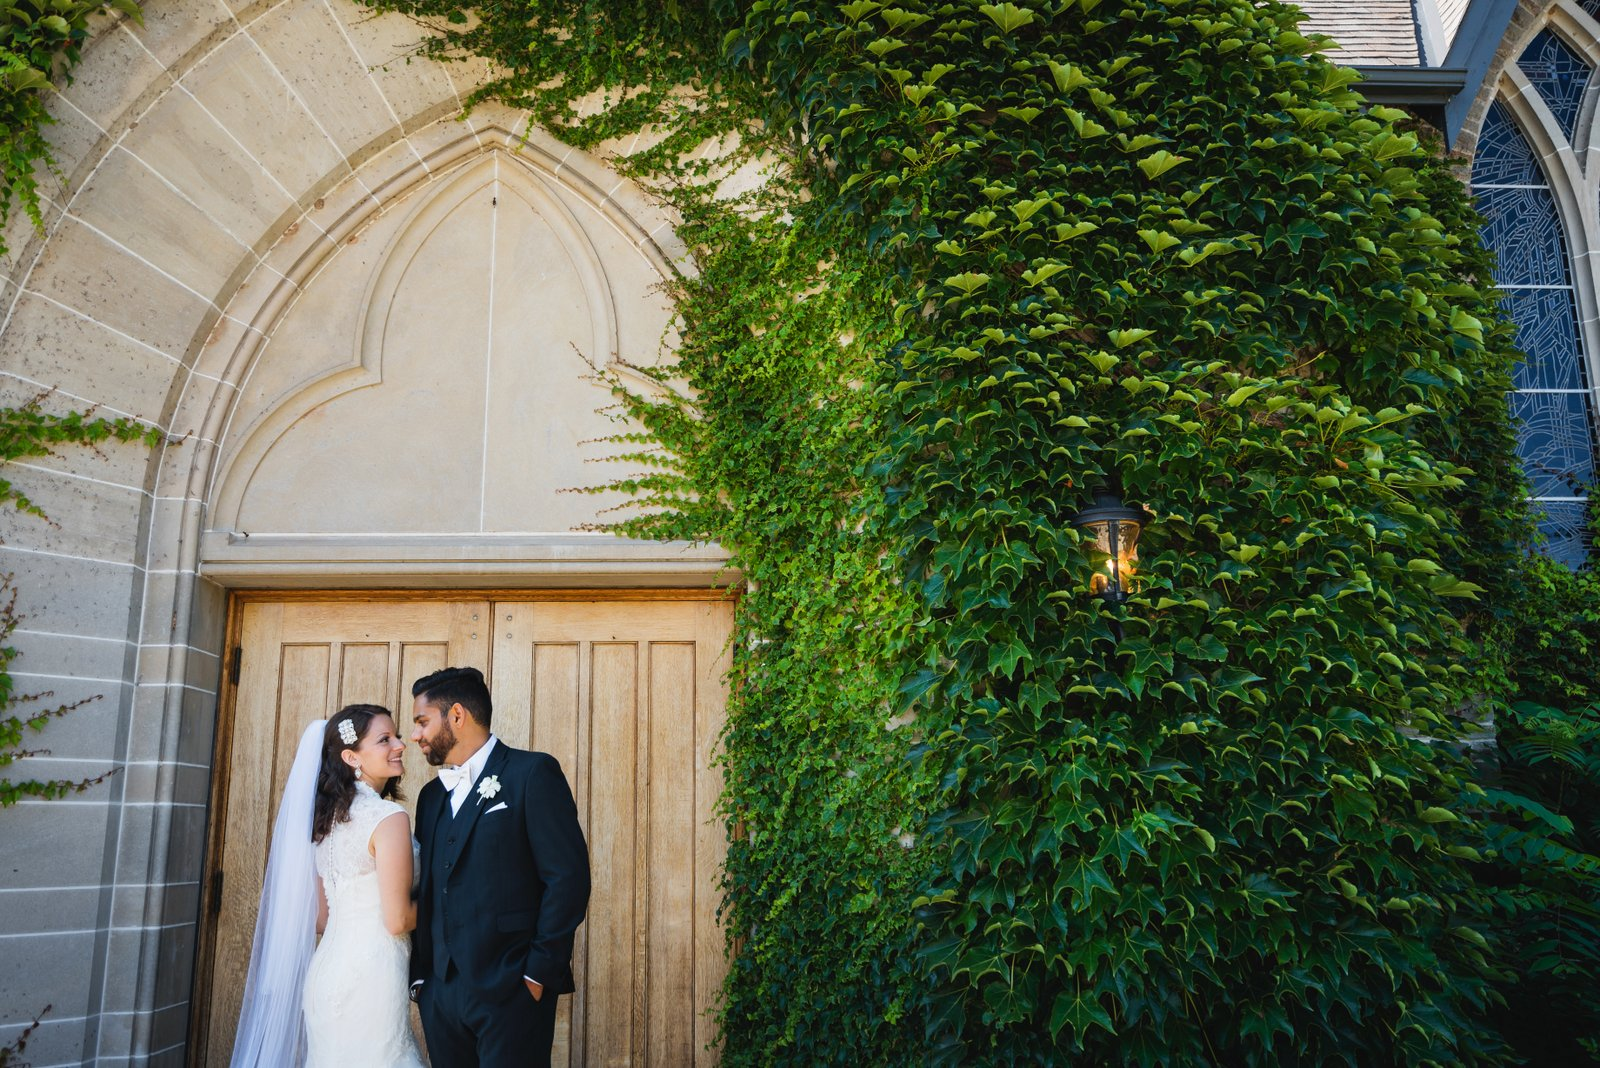 rosanna-christian-le-dome-wedding-047